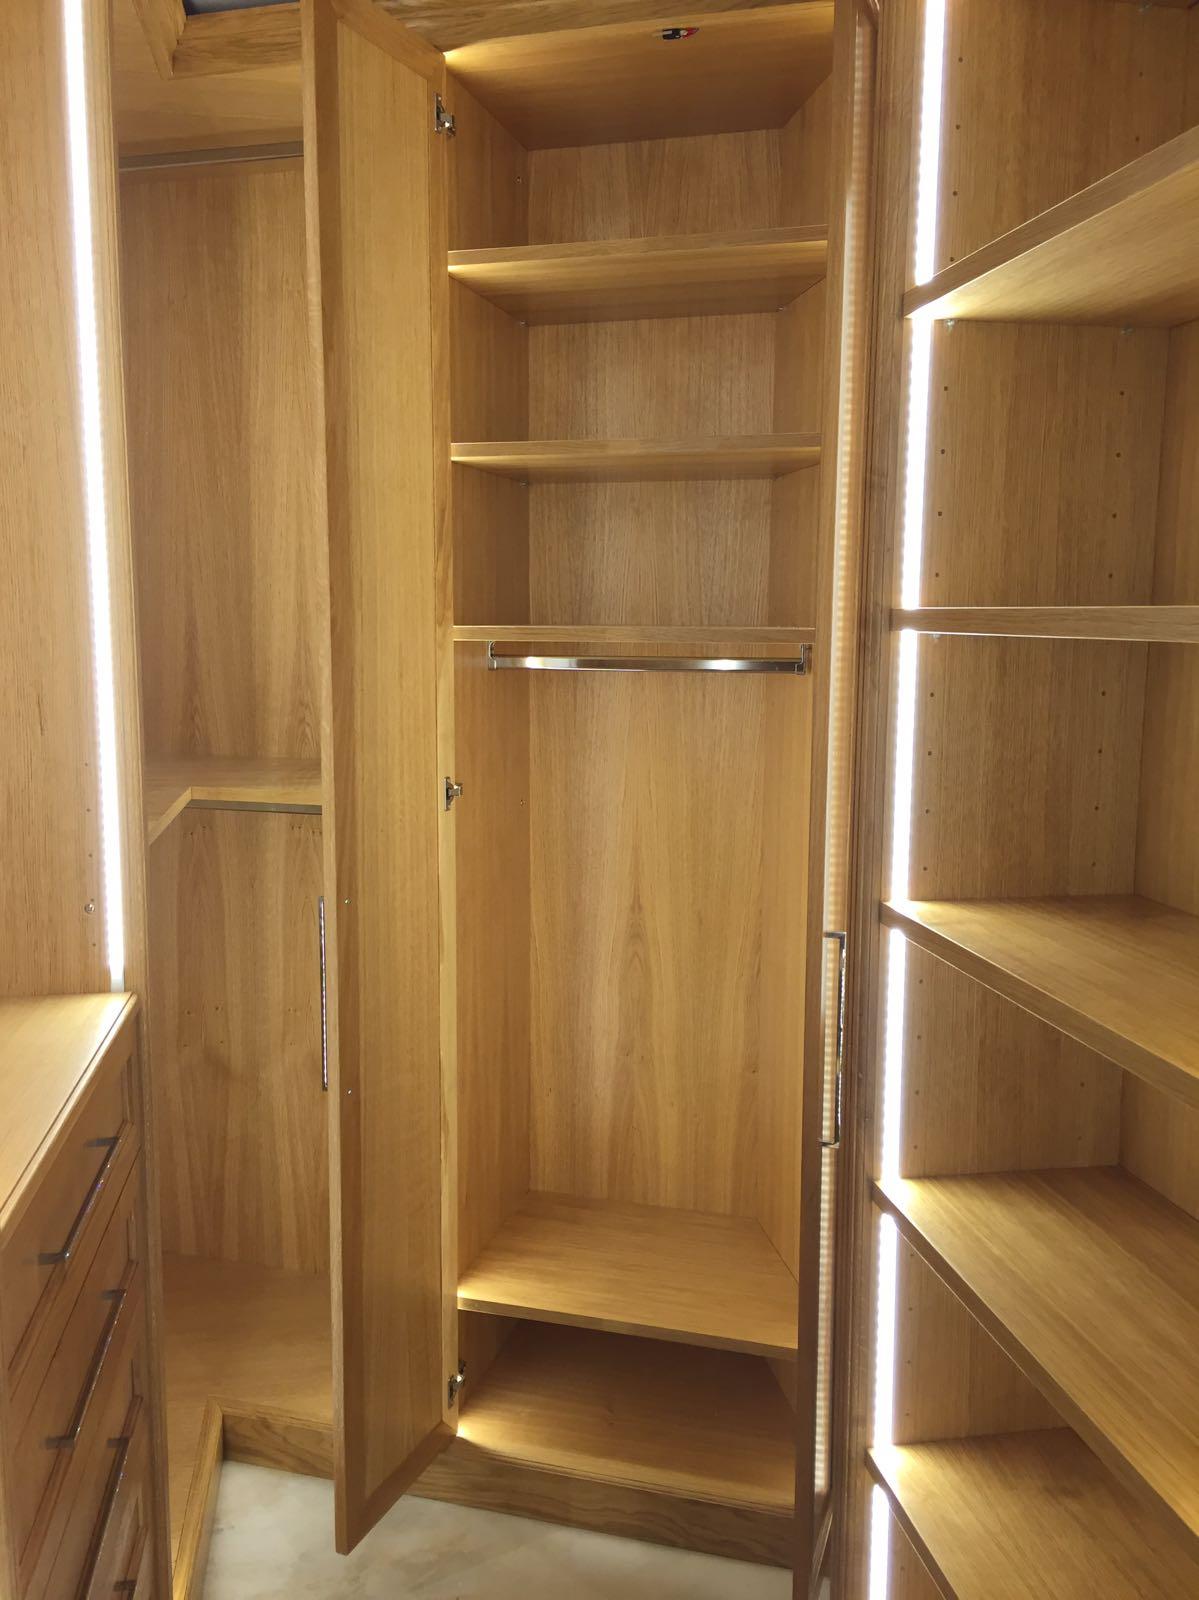 cabine armadio di qualità